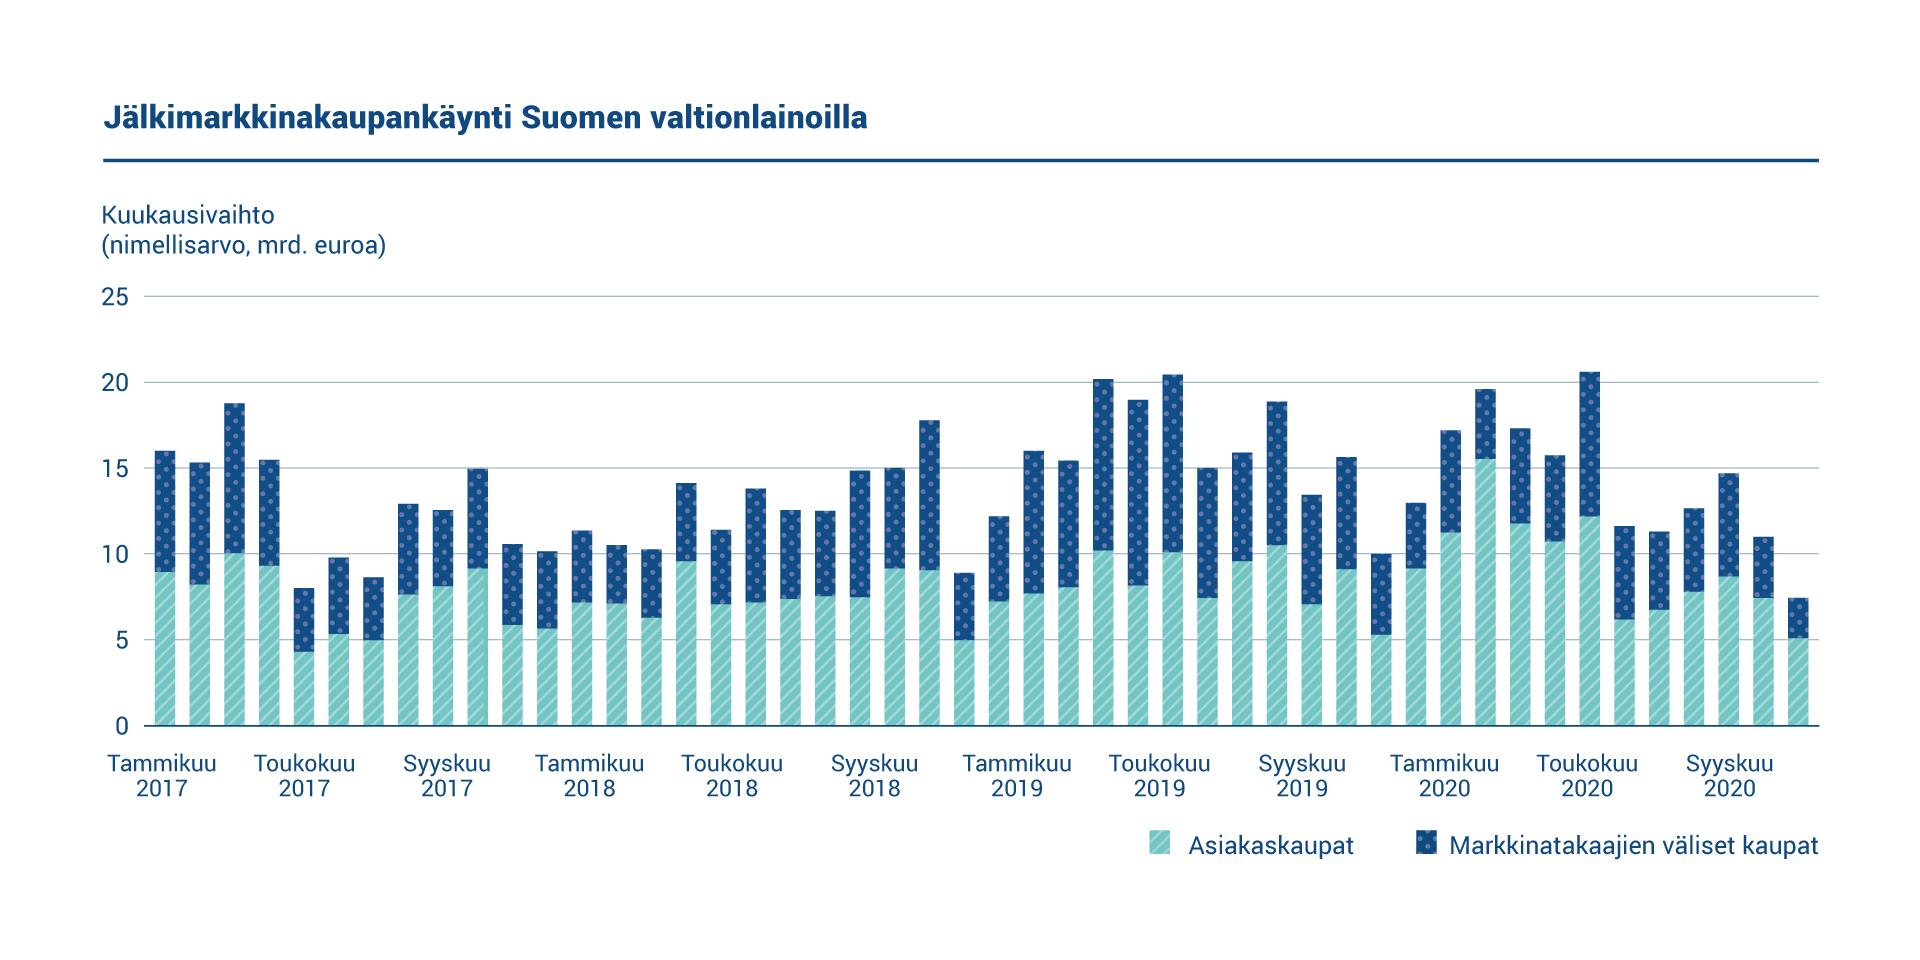 Kaaviossa esitetään jälkimarkkinakaupankäynti Suomen valtionlainoilla vuosina 2017-2020. Viitelainojen nimellismääräinen vaihto markkinatakaajien välisessä kaupassa oli keskimäärin 4,95 miljardia kuussa. Asiakaskaupan keskimääräinen kuukausivaihto oli 9,43 miljardia euroa.